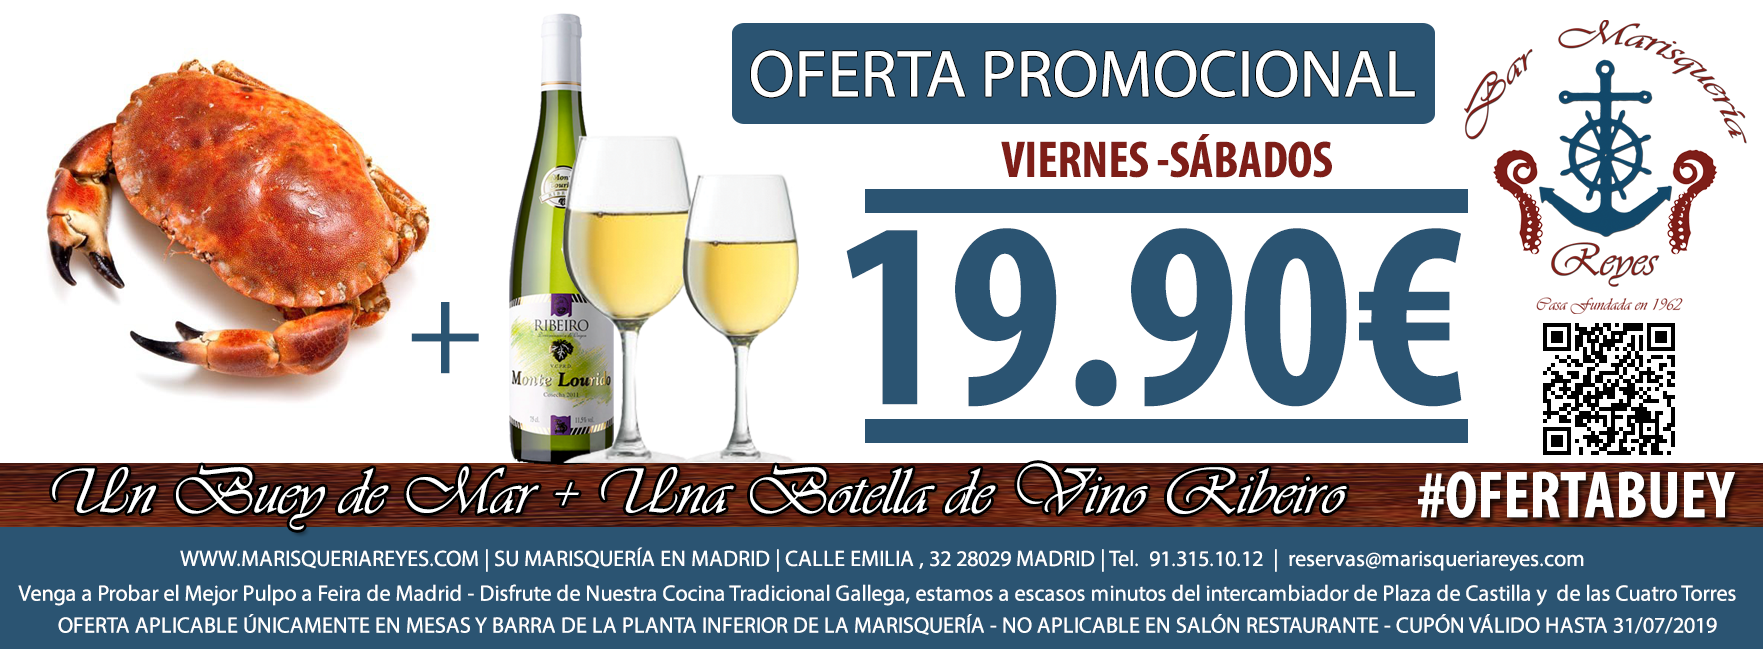 Promoción Buey de Mar + Botella de Ribeiro 19,90 €